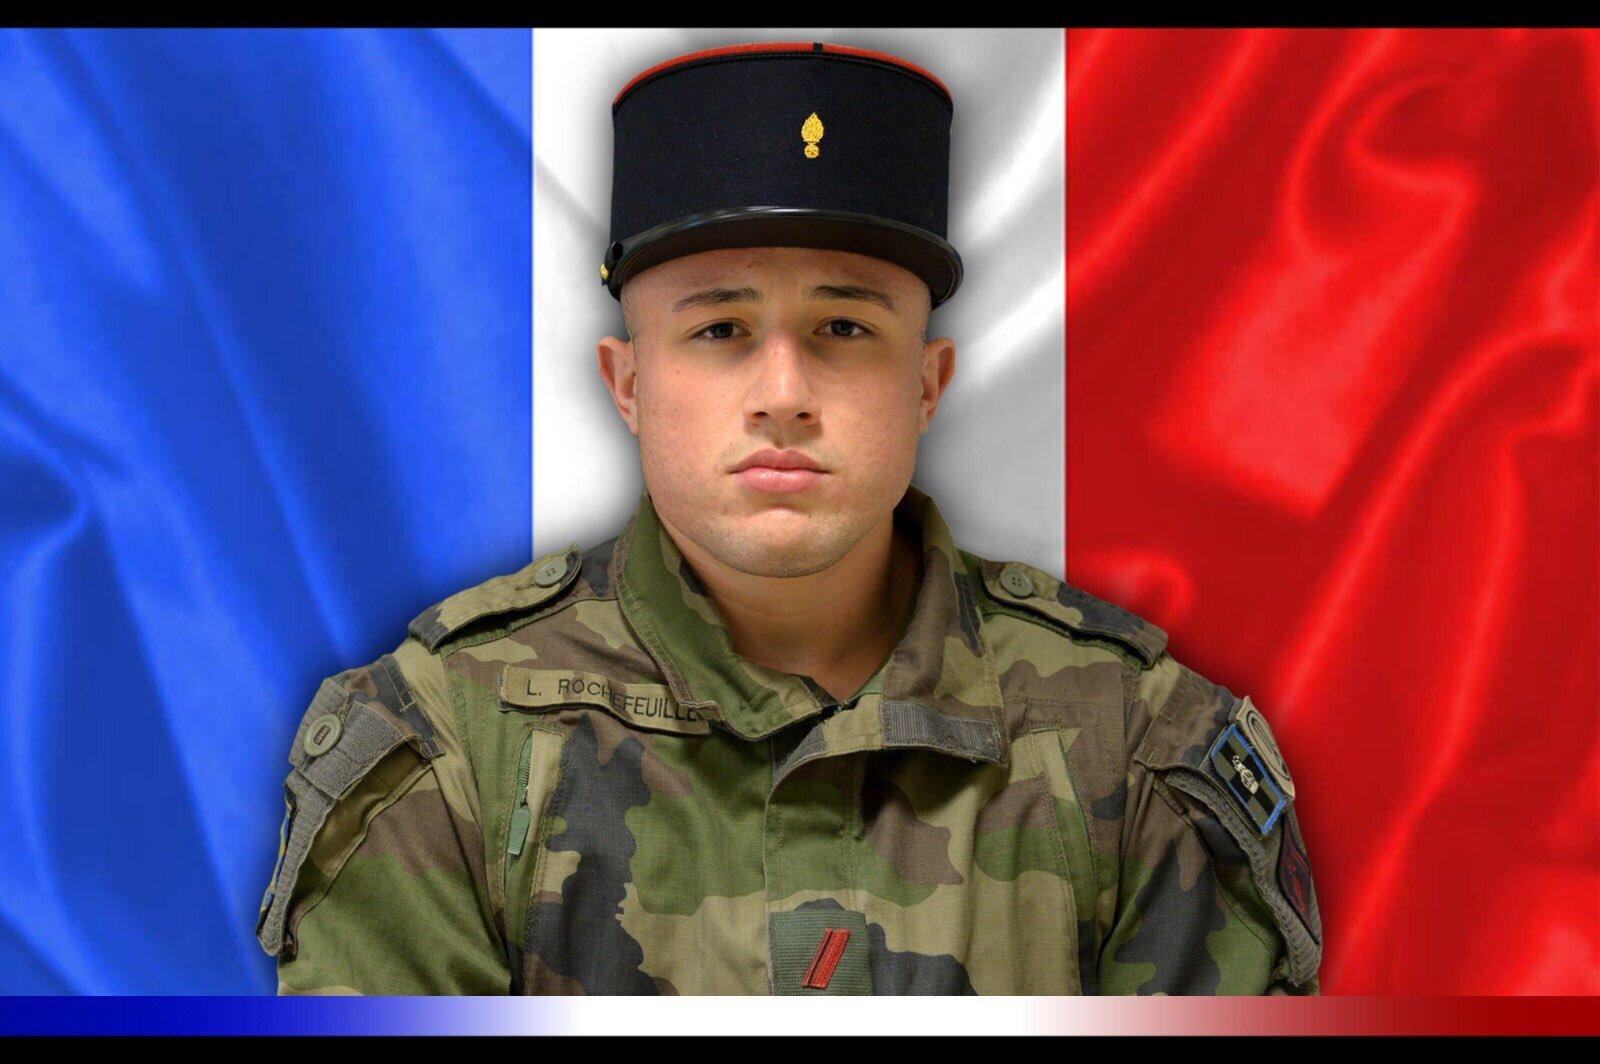 Mort d'un soldat en entraînement à Mayotte, une enquête ouverte sur les circonstances